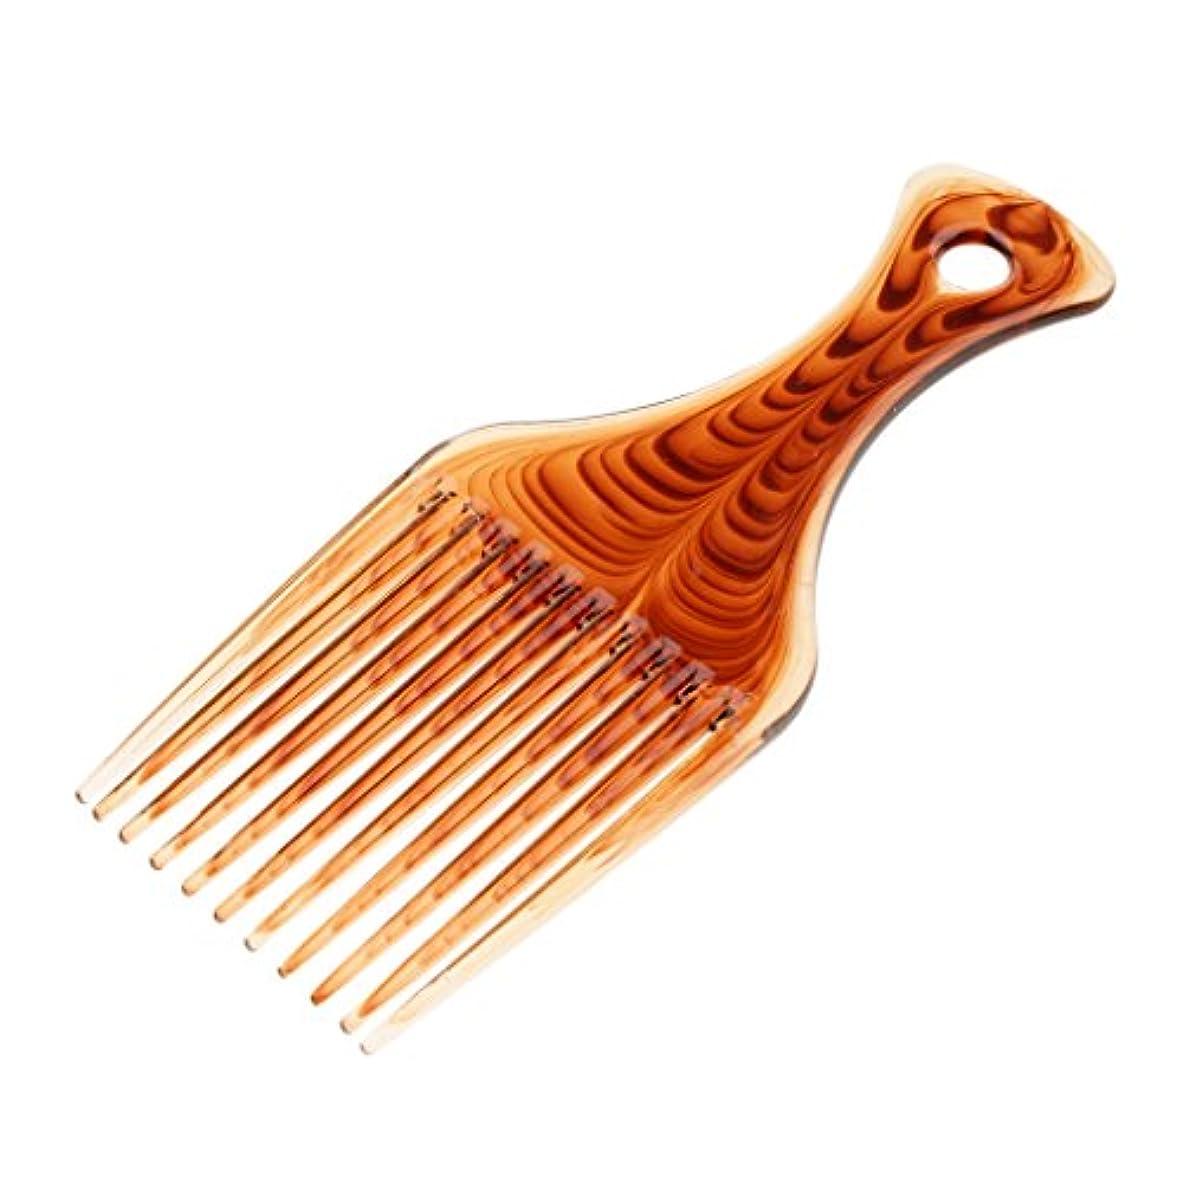 公使館検索エンジンマーケティング現代ヘアコーム ヘアブラシ くし プラスチック製 アフロ 髪の櫛 かつらにも適用 スタイリング 持ち上げ ヘアブラシ